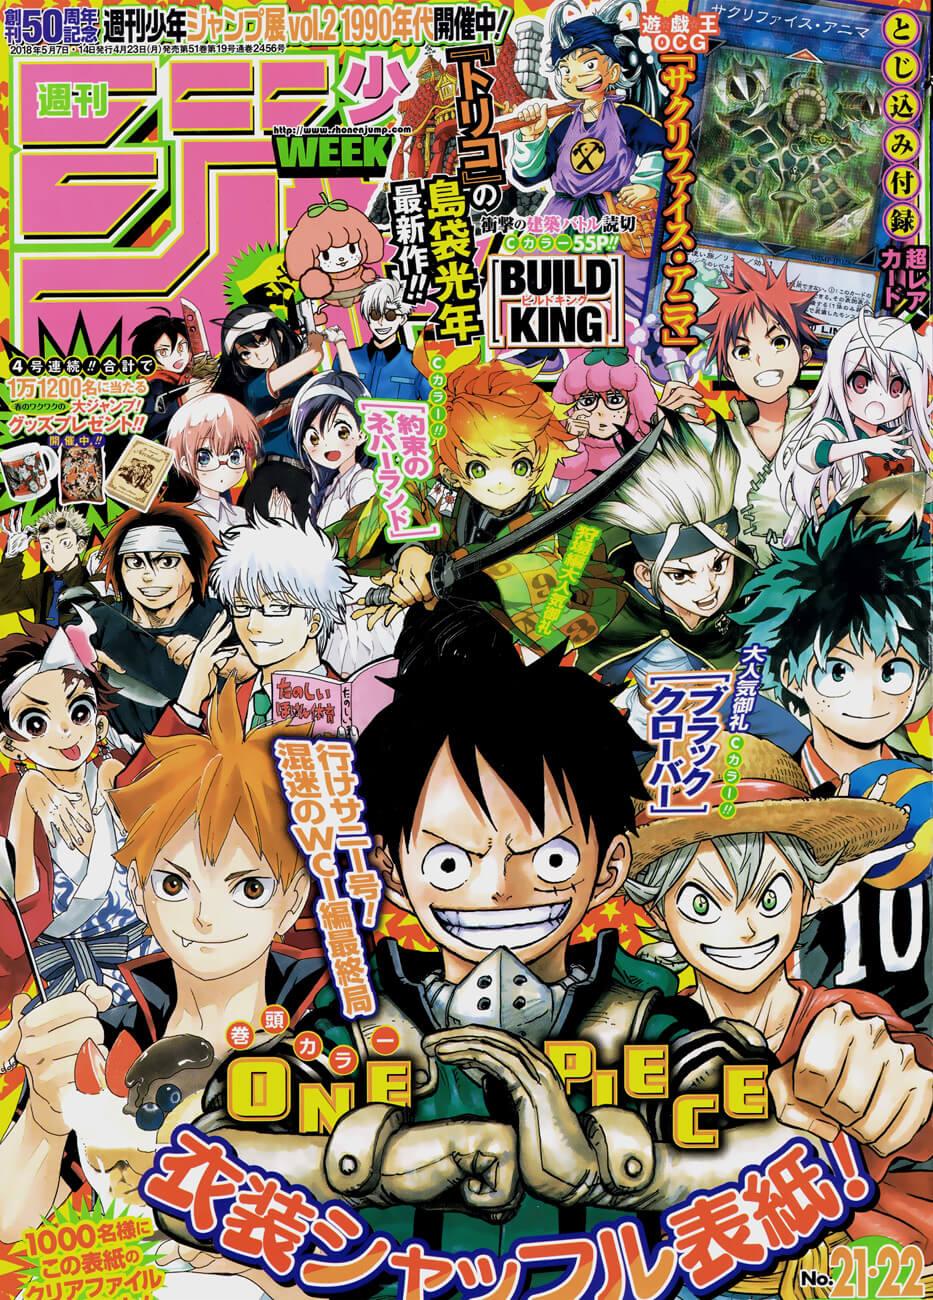 ون بيس 902, One Piece 902